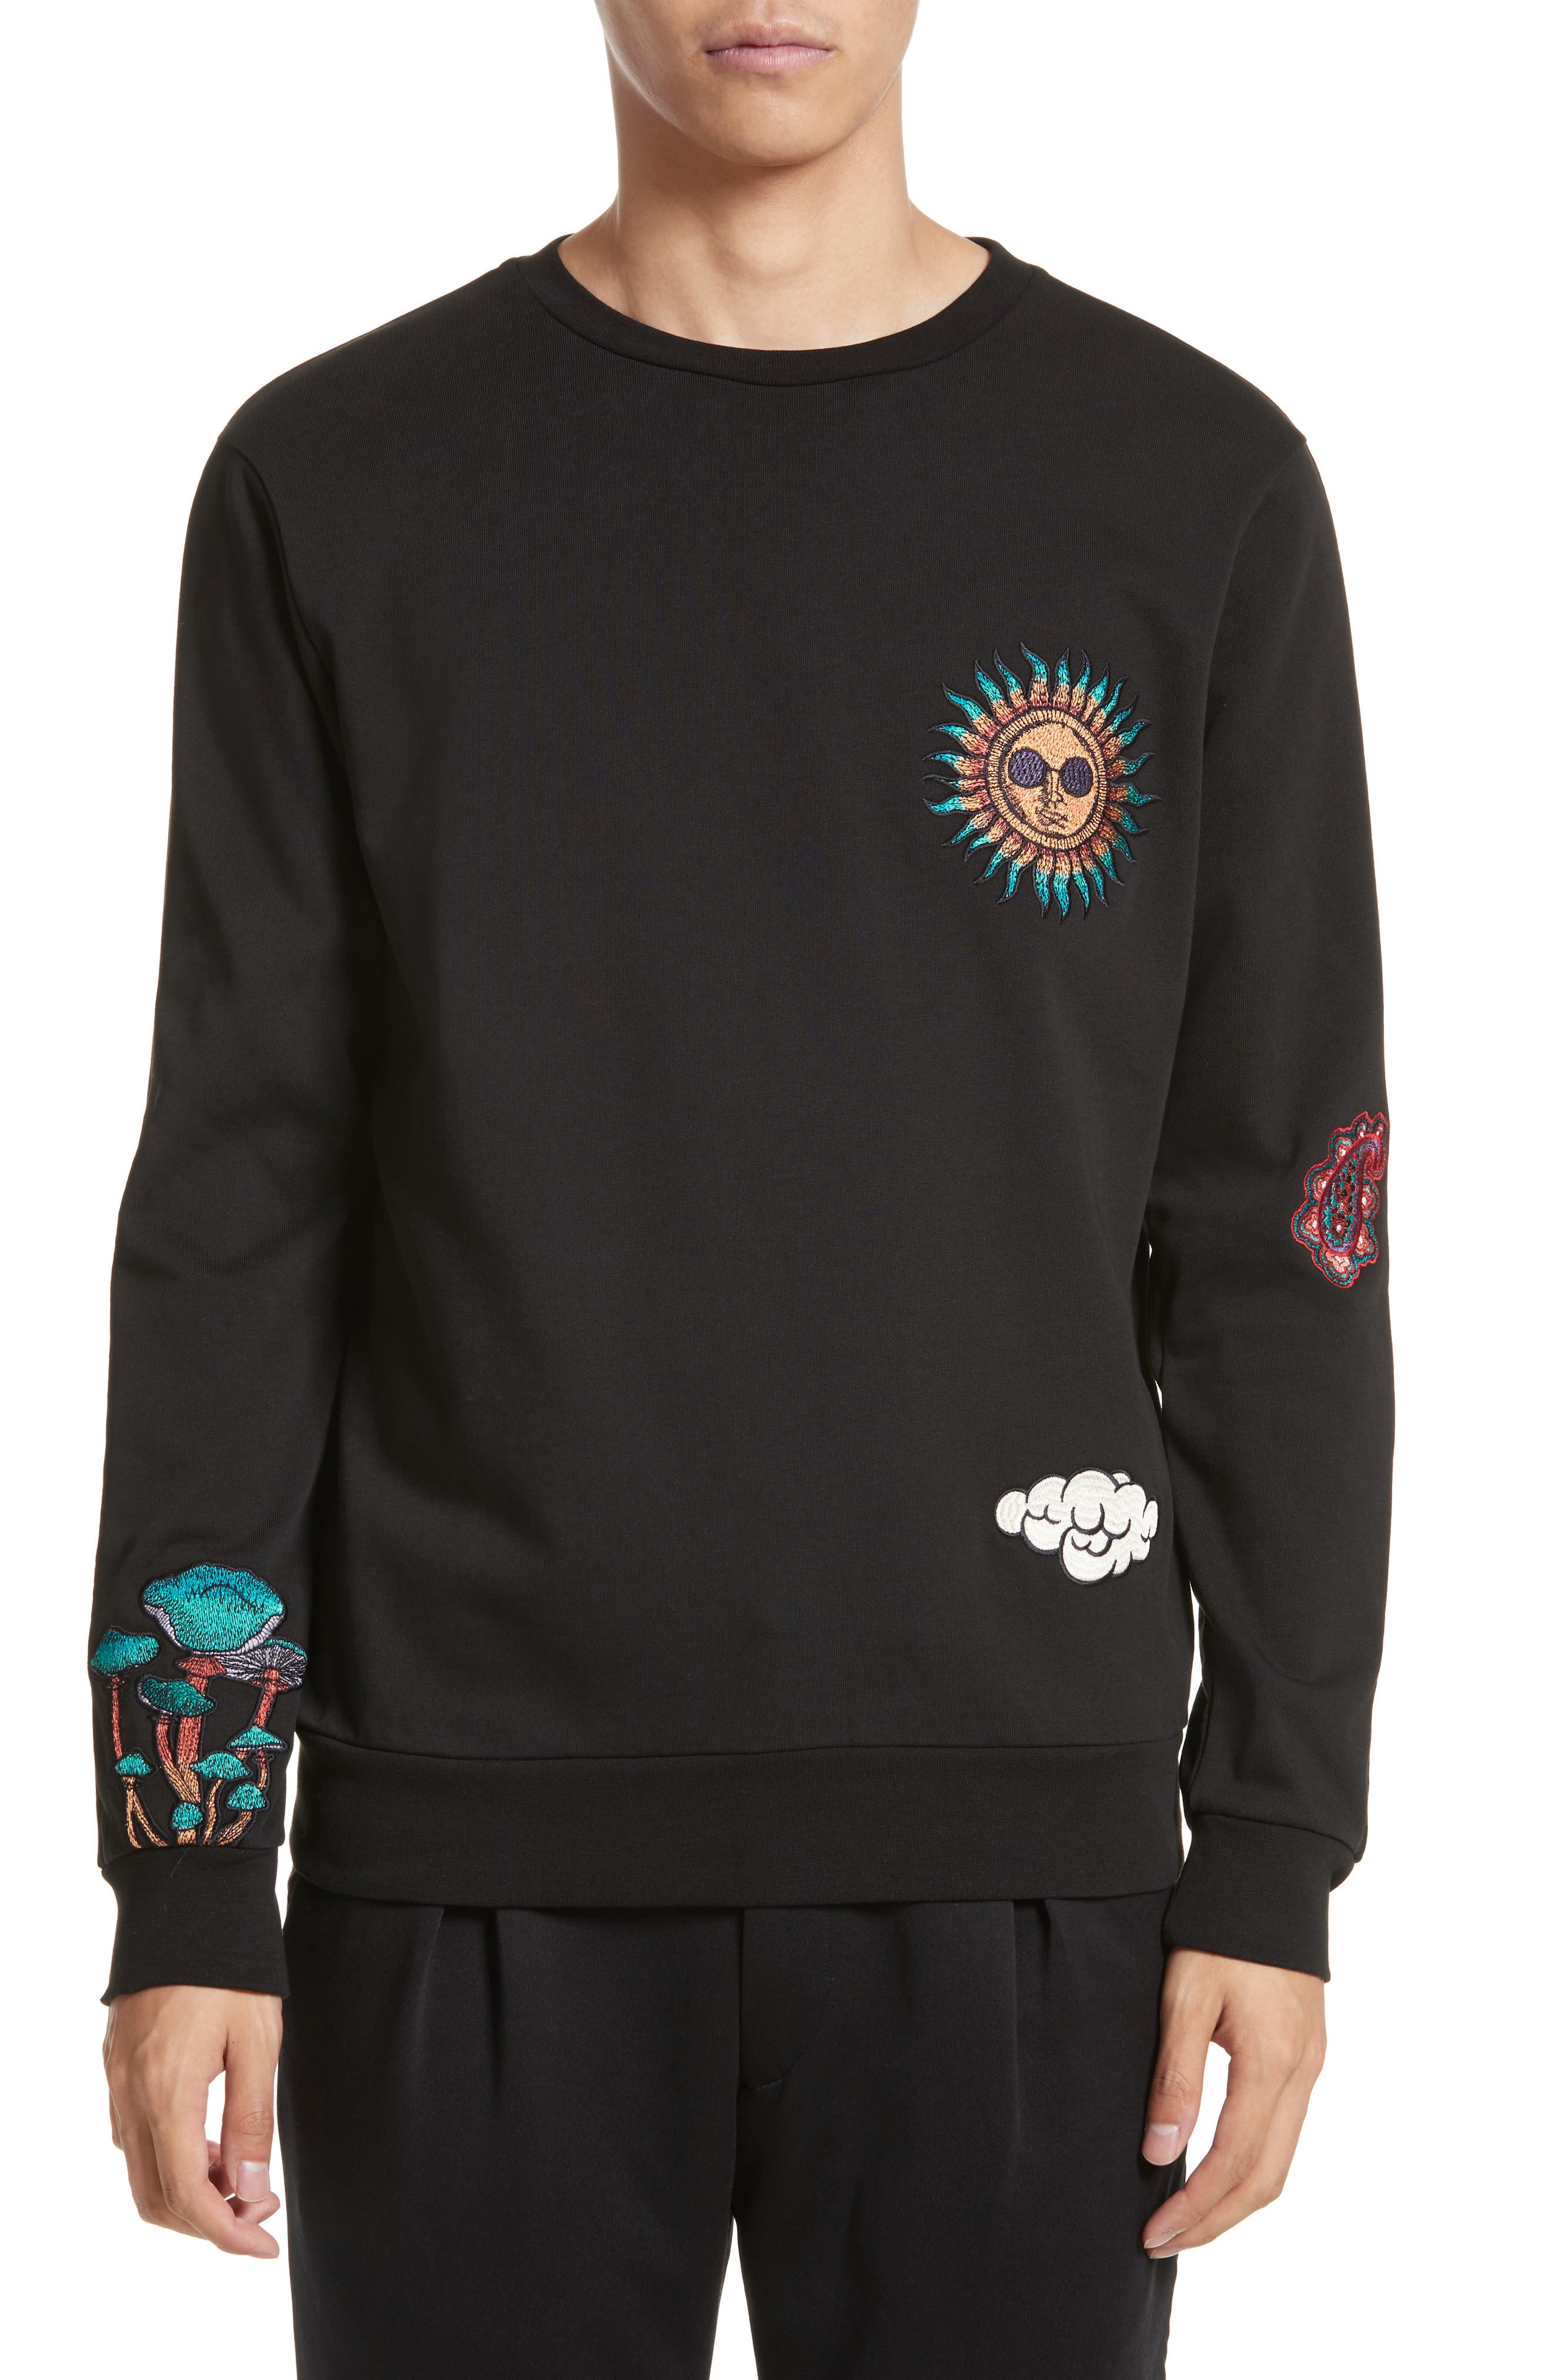 Paul Smith Embroidered Crewneck Sweatshirt